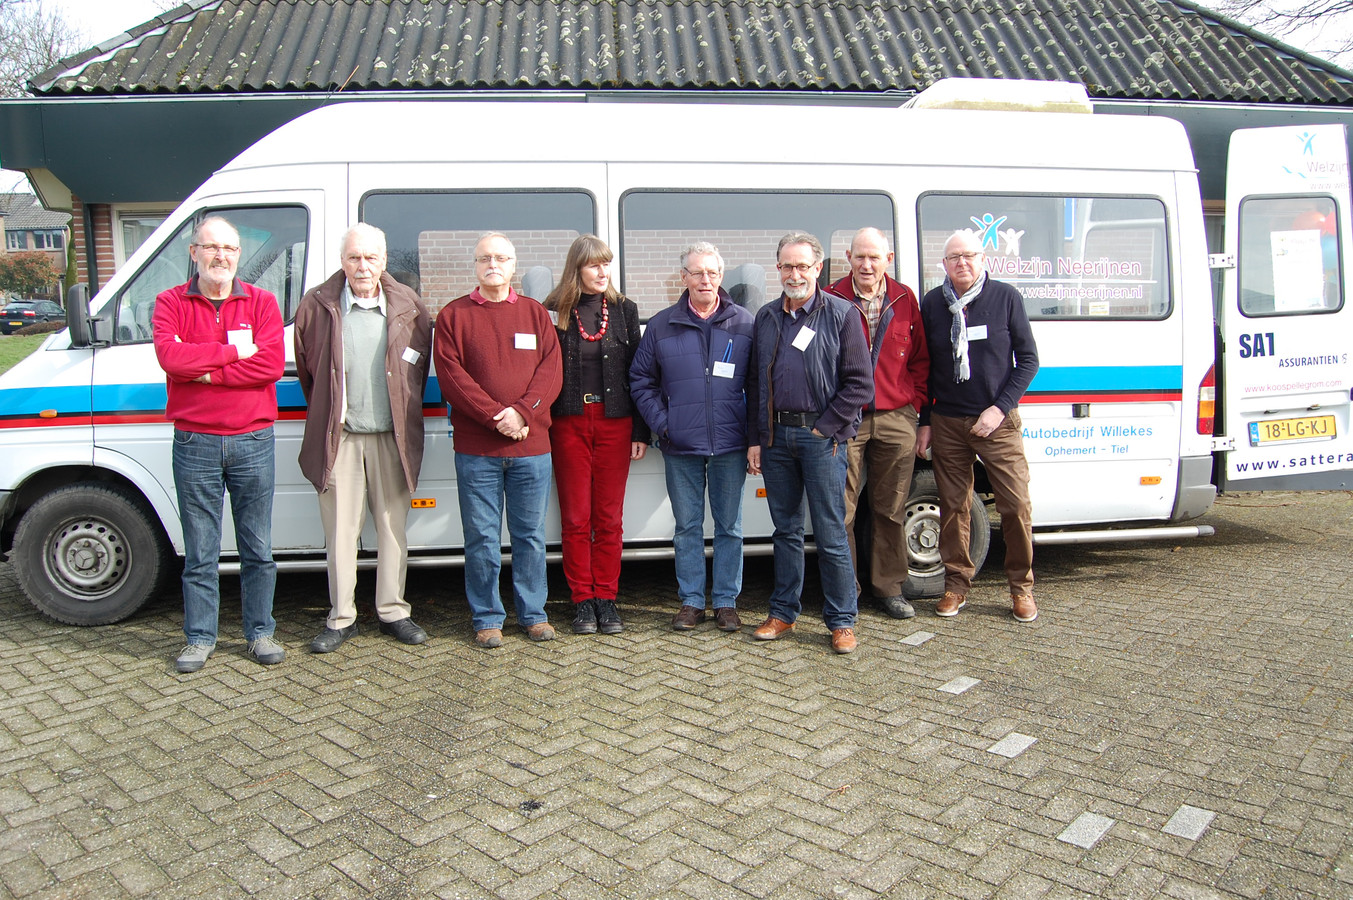 Vrijwilligers bij de bus.